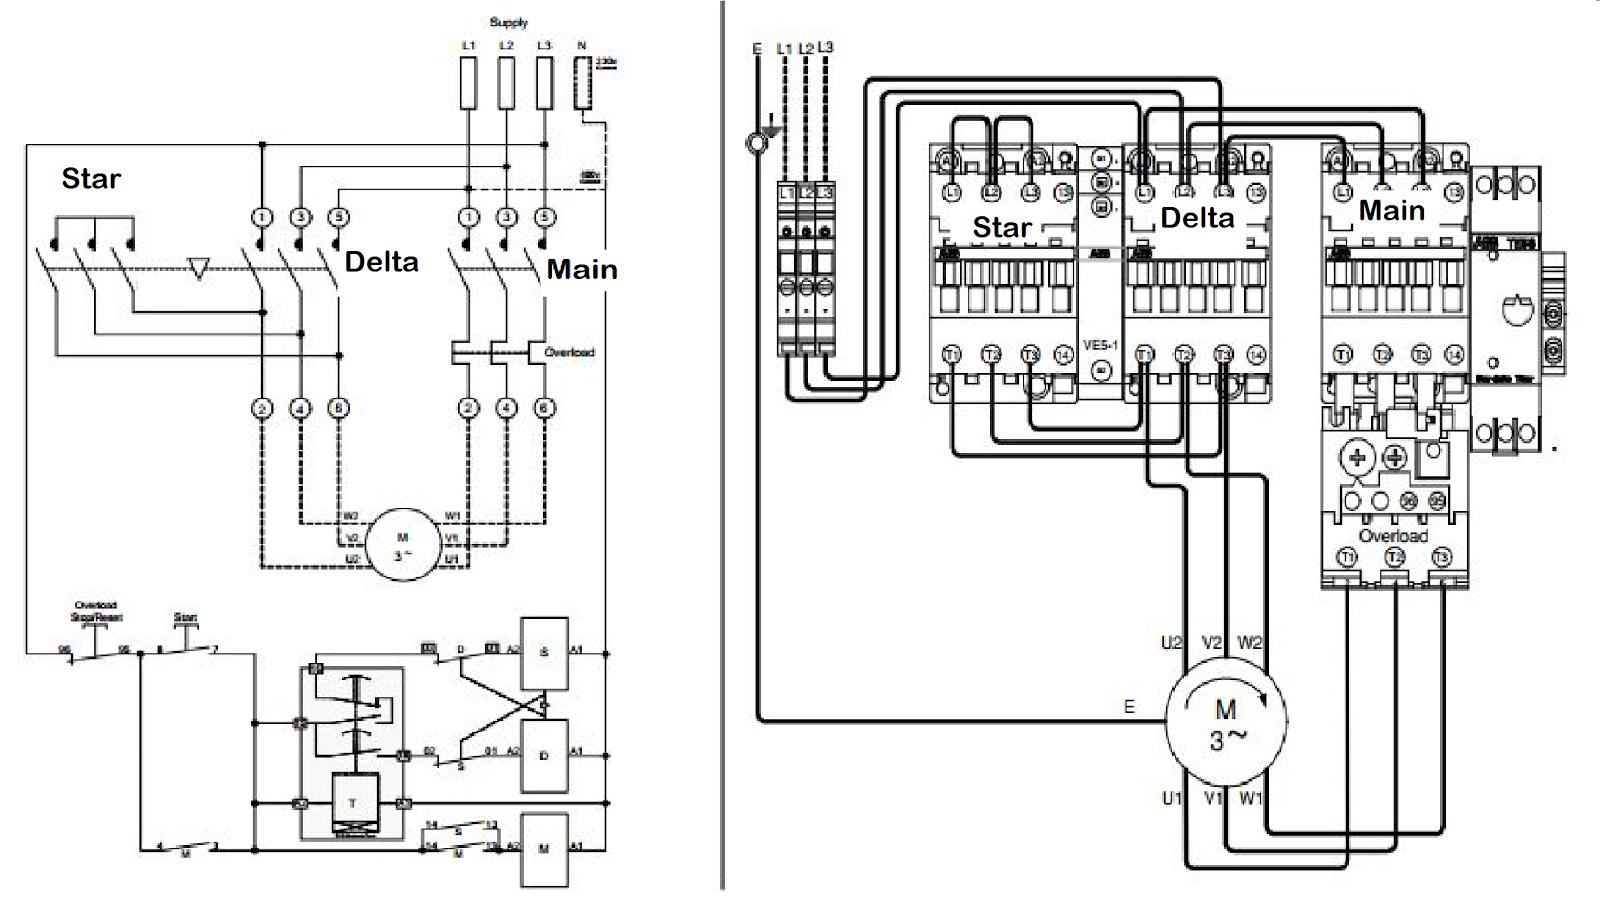 StarDelta Starter Connection Diagram  Electrical Blog